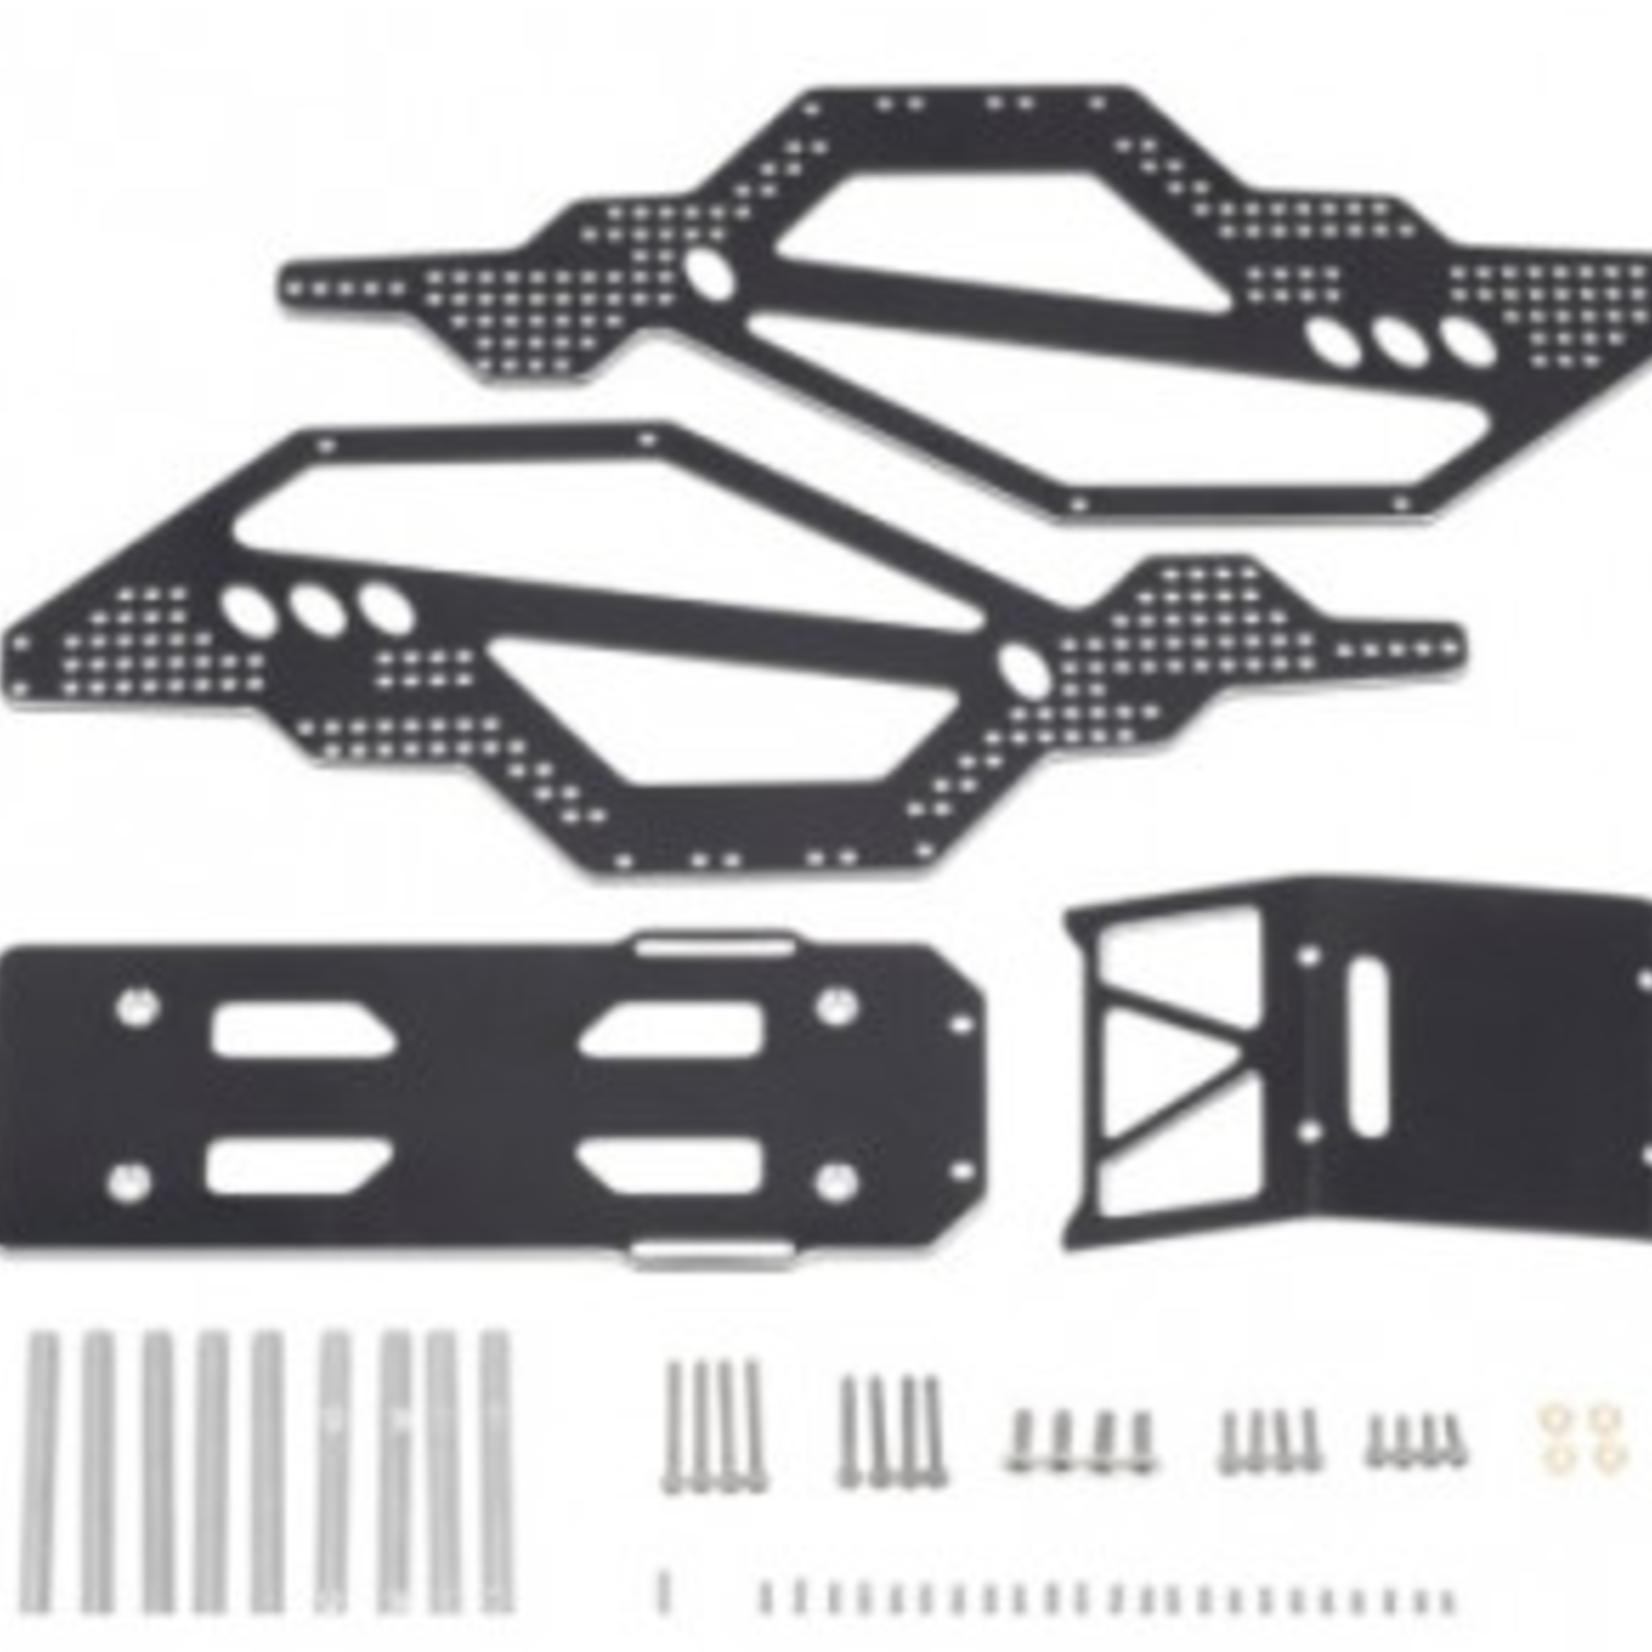 Hobby Details DTSCX24-37 SCX24 Aluminum Chassis Frame Conversion Bars, Deadbolt